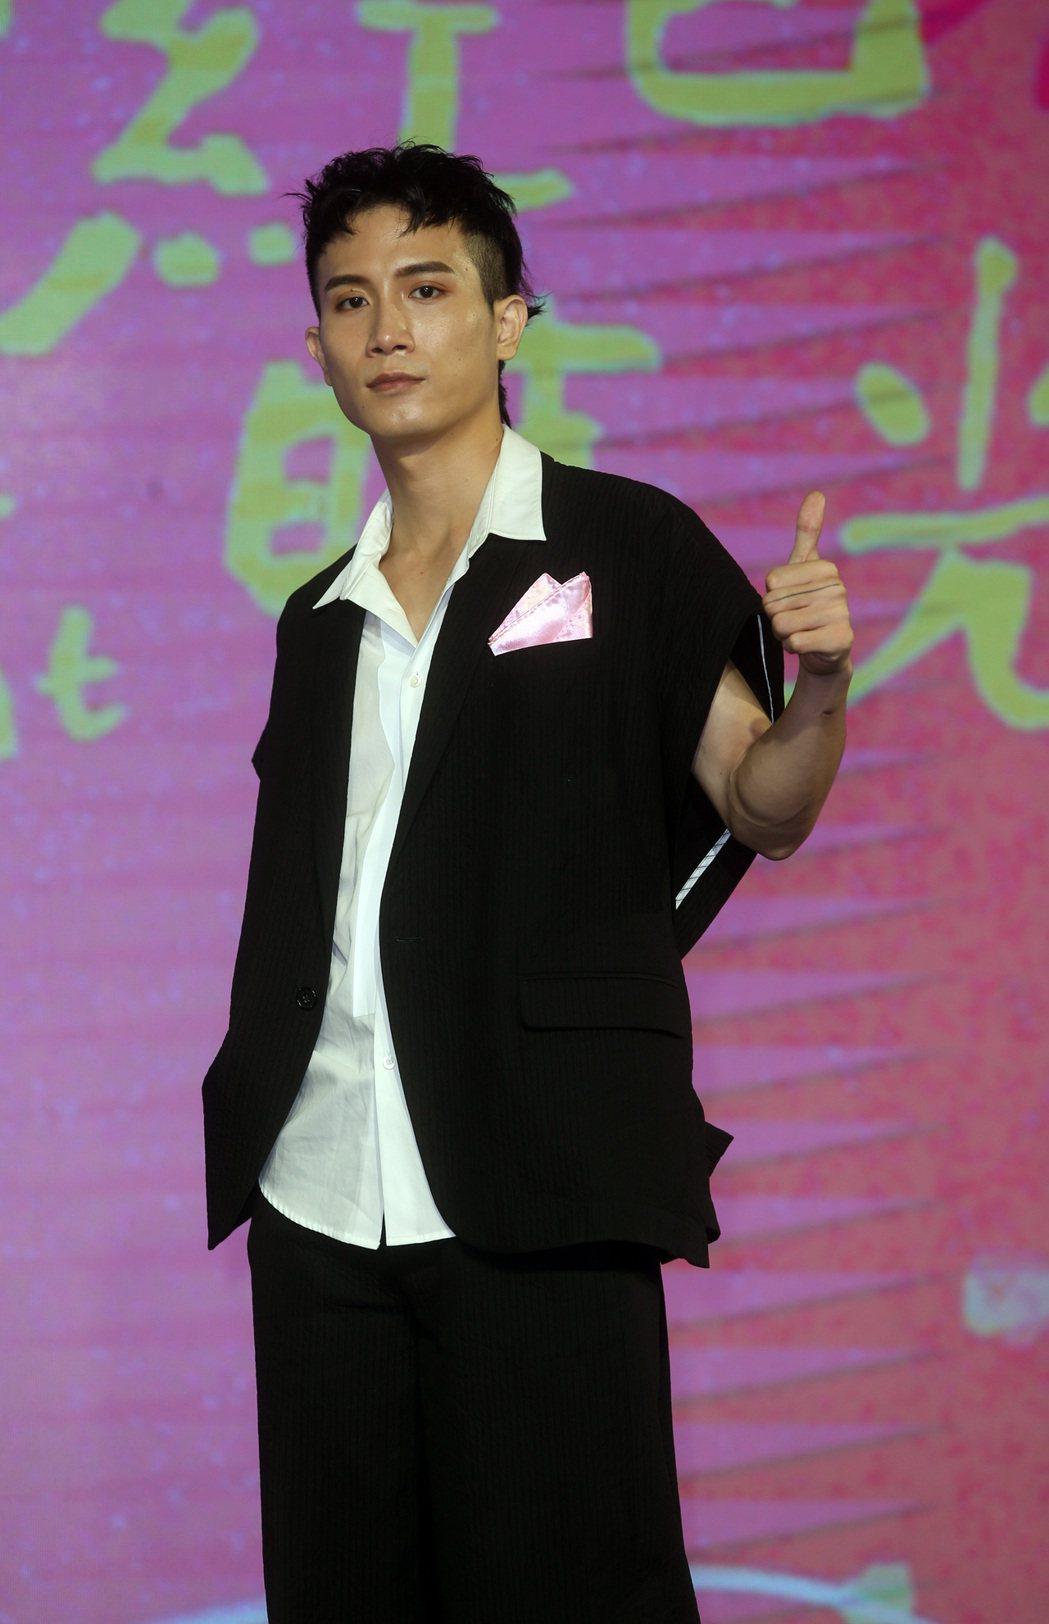 陳彥允出席「粉紅色時光」首映會。記者曾吉松/攝影